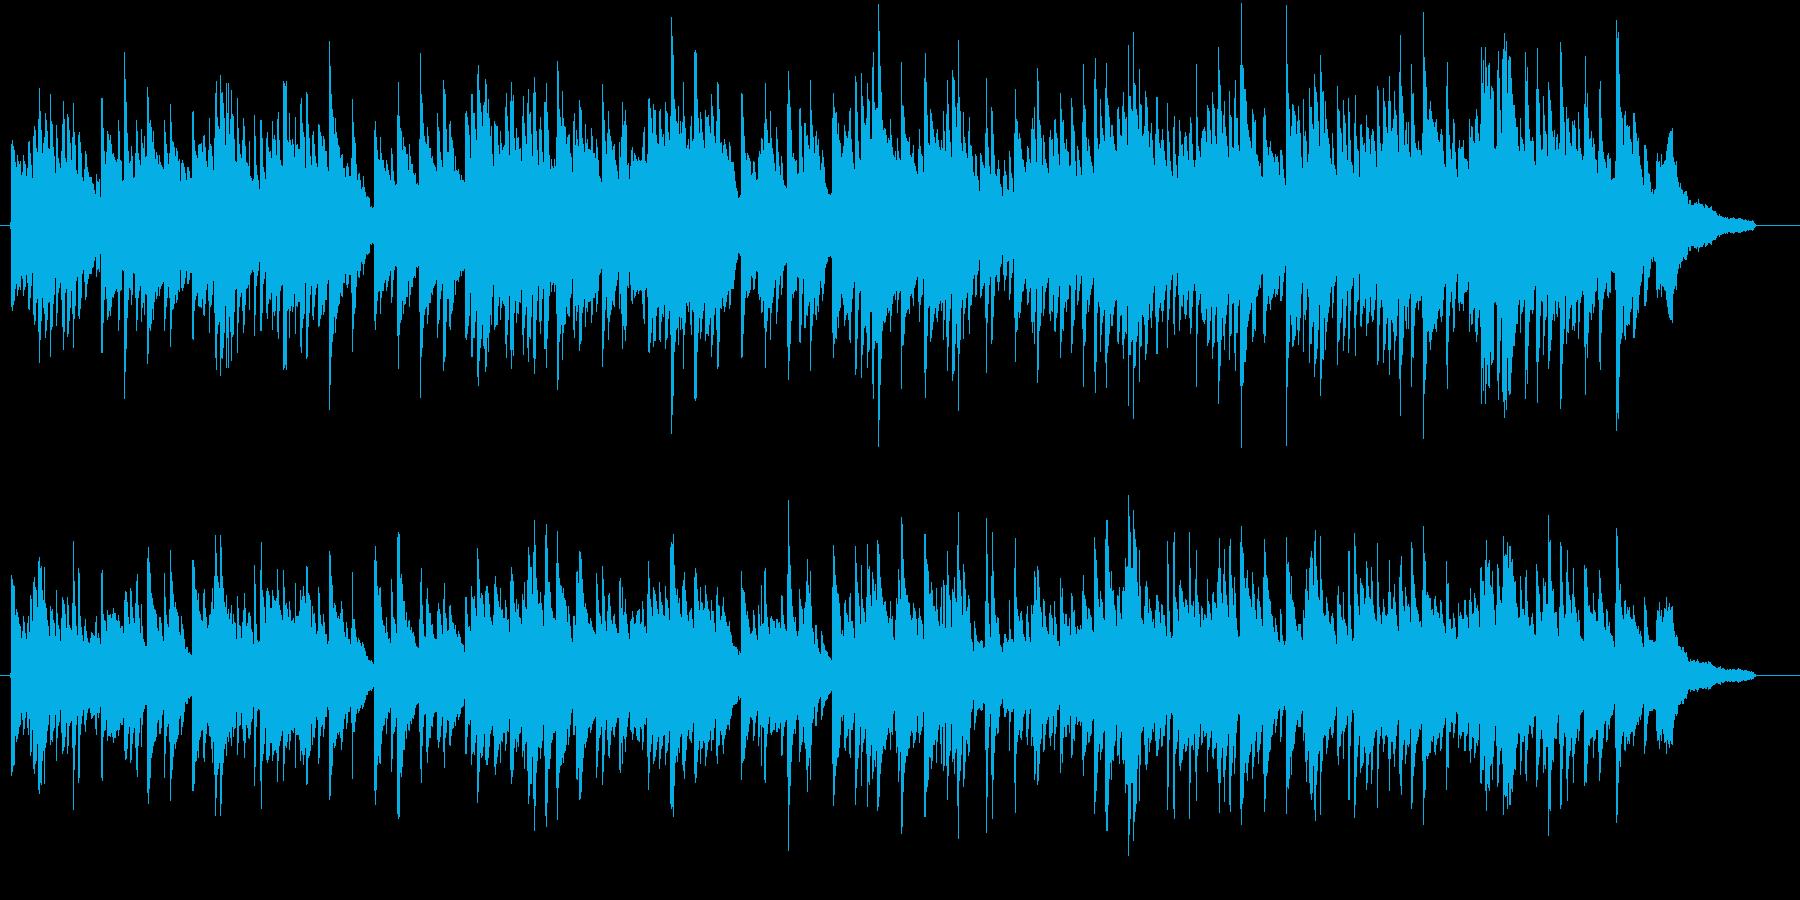 明るい雰囲気かつスローなピアノ曲の再生済みの波形